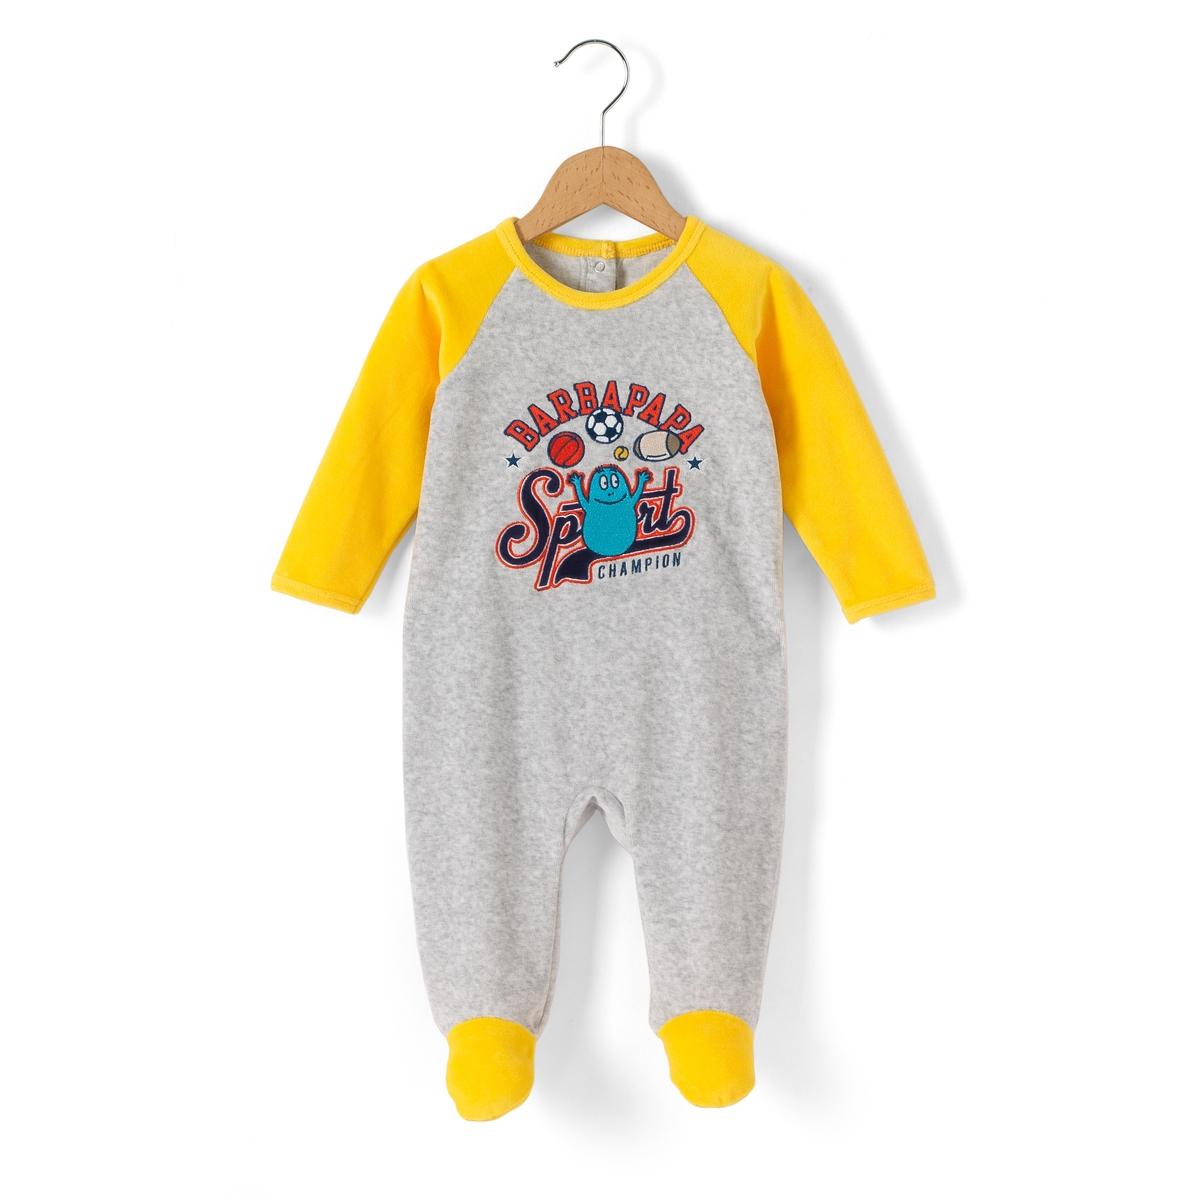 Пижама для мальчика, 3 мес. - 2 годаСостав и описание     Материал       80% хлопка, 20% полиэстера      Марка       BARBAPAPA          Уход     Следуйте рекомендациям по уходу, указанным на этикетке.<br><br>Цвет: серый/ желтый<br>Размер: 2 года - 86 см